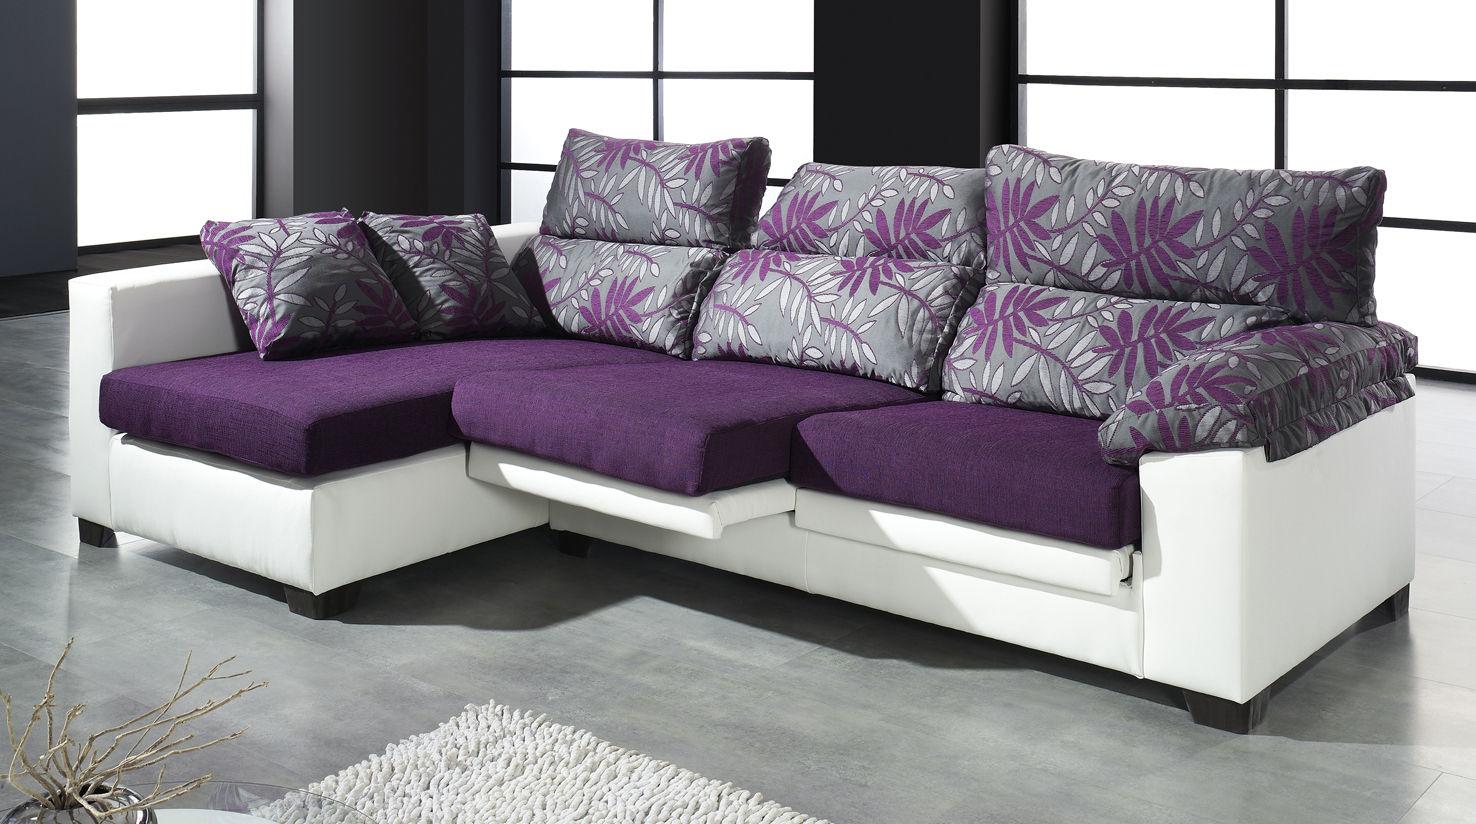 pin photos of muebles hechos con palets genuardis portal